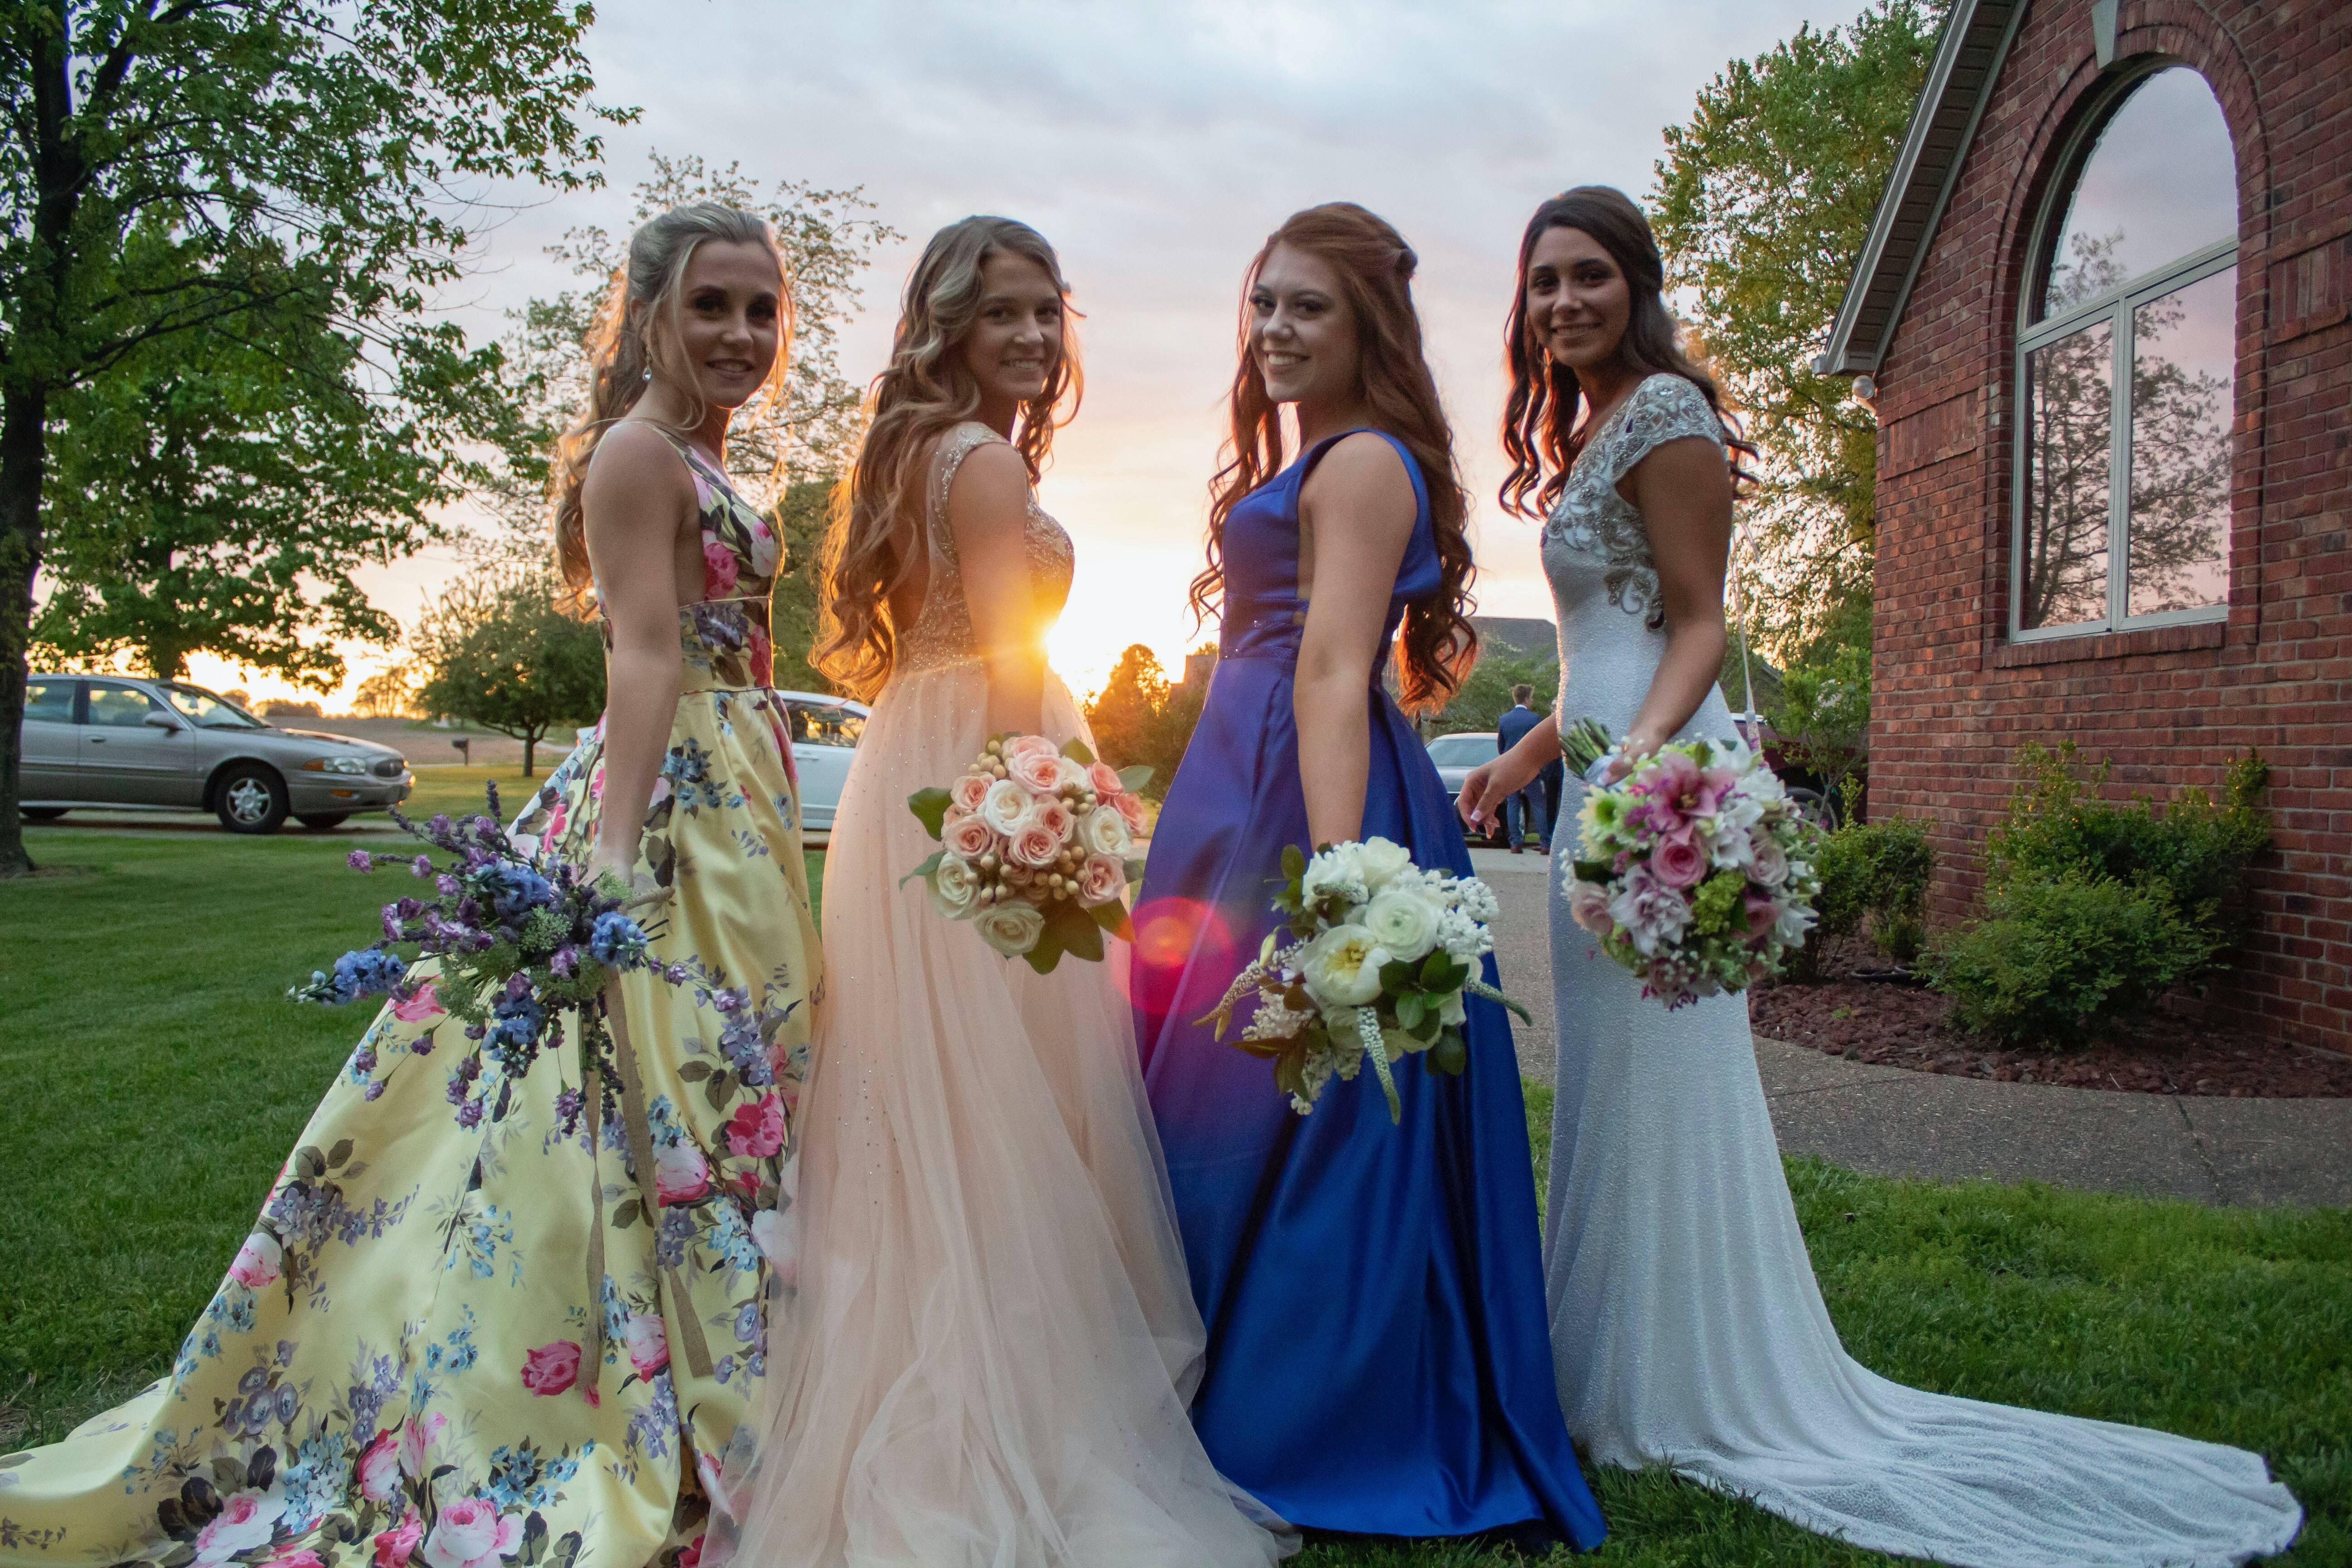 Madrinhas com vestidos diferentes. Foto: Reprodução/Unsplash